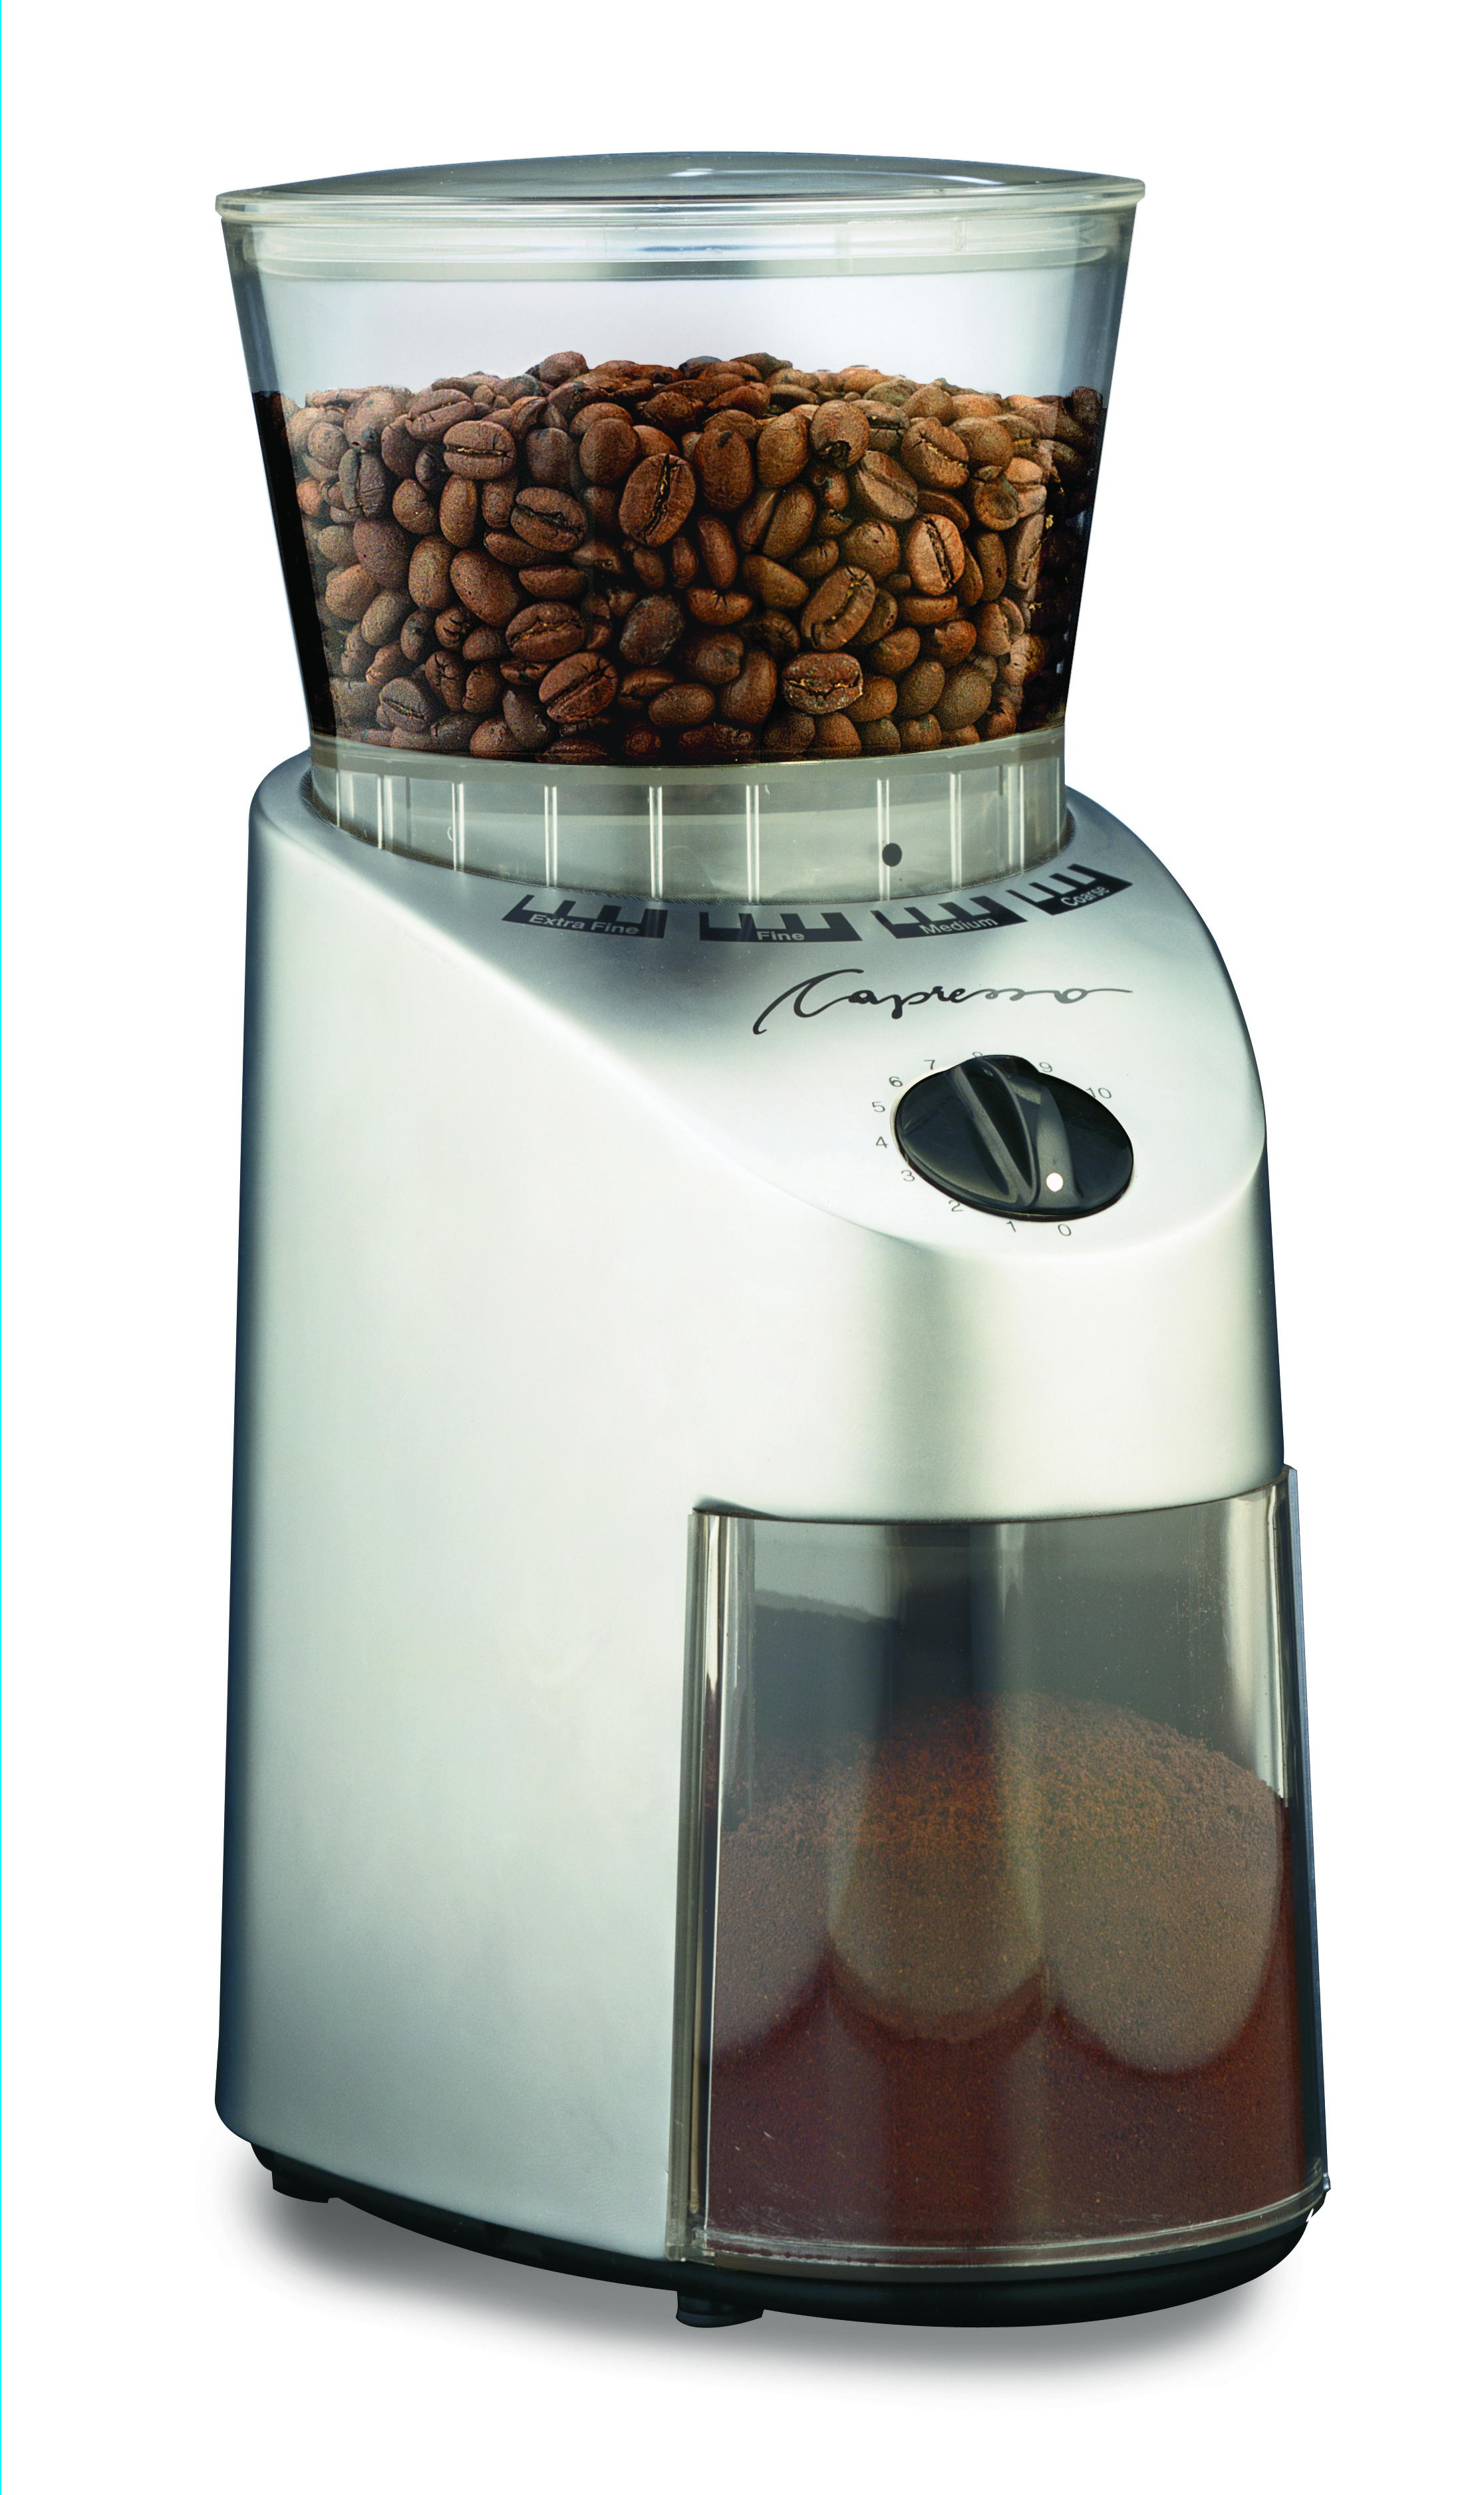 Best Coffee Grinder Under